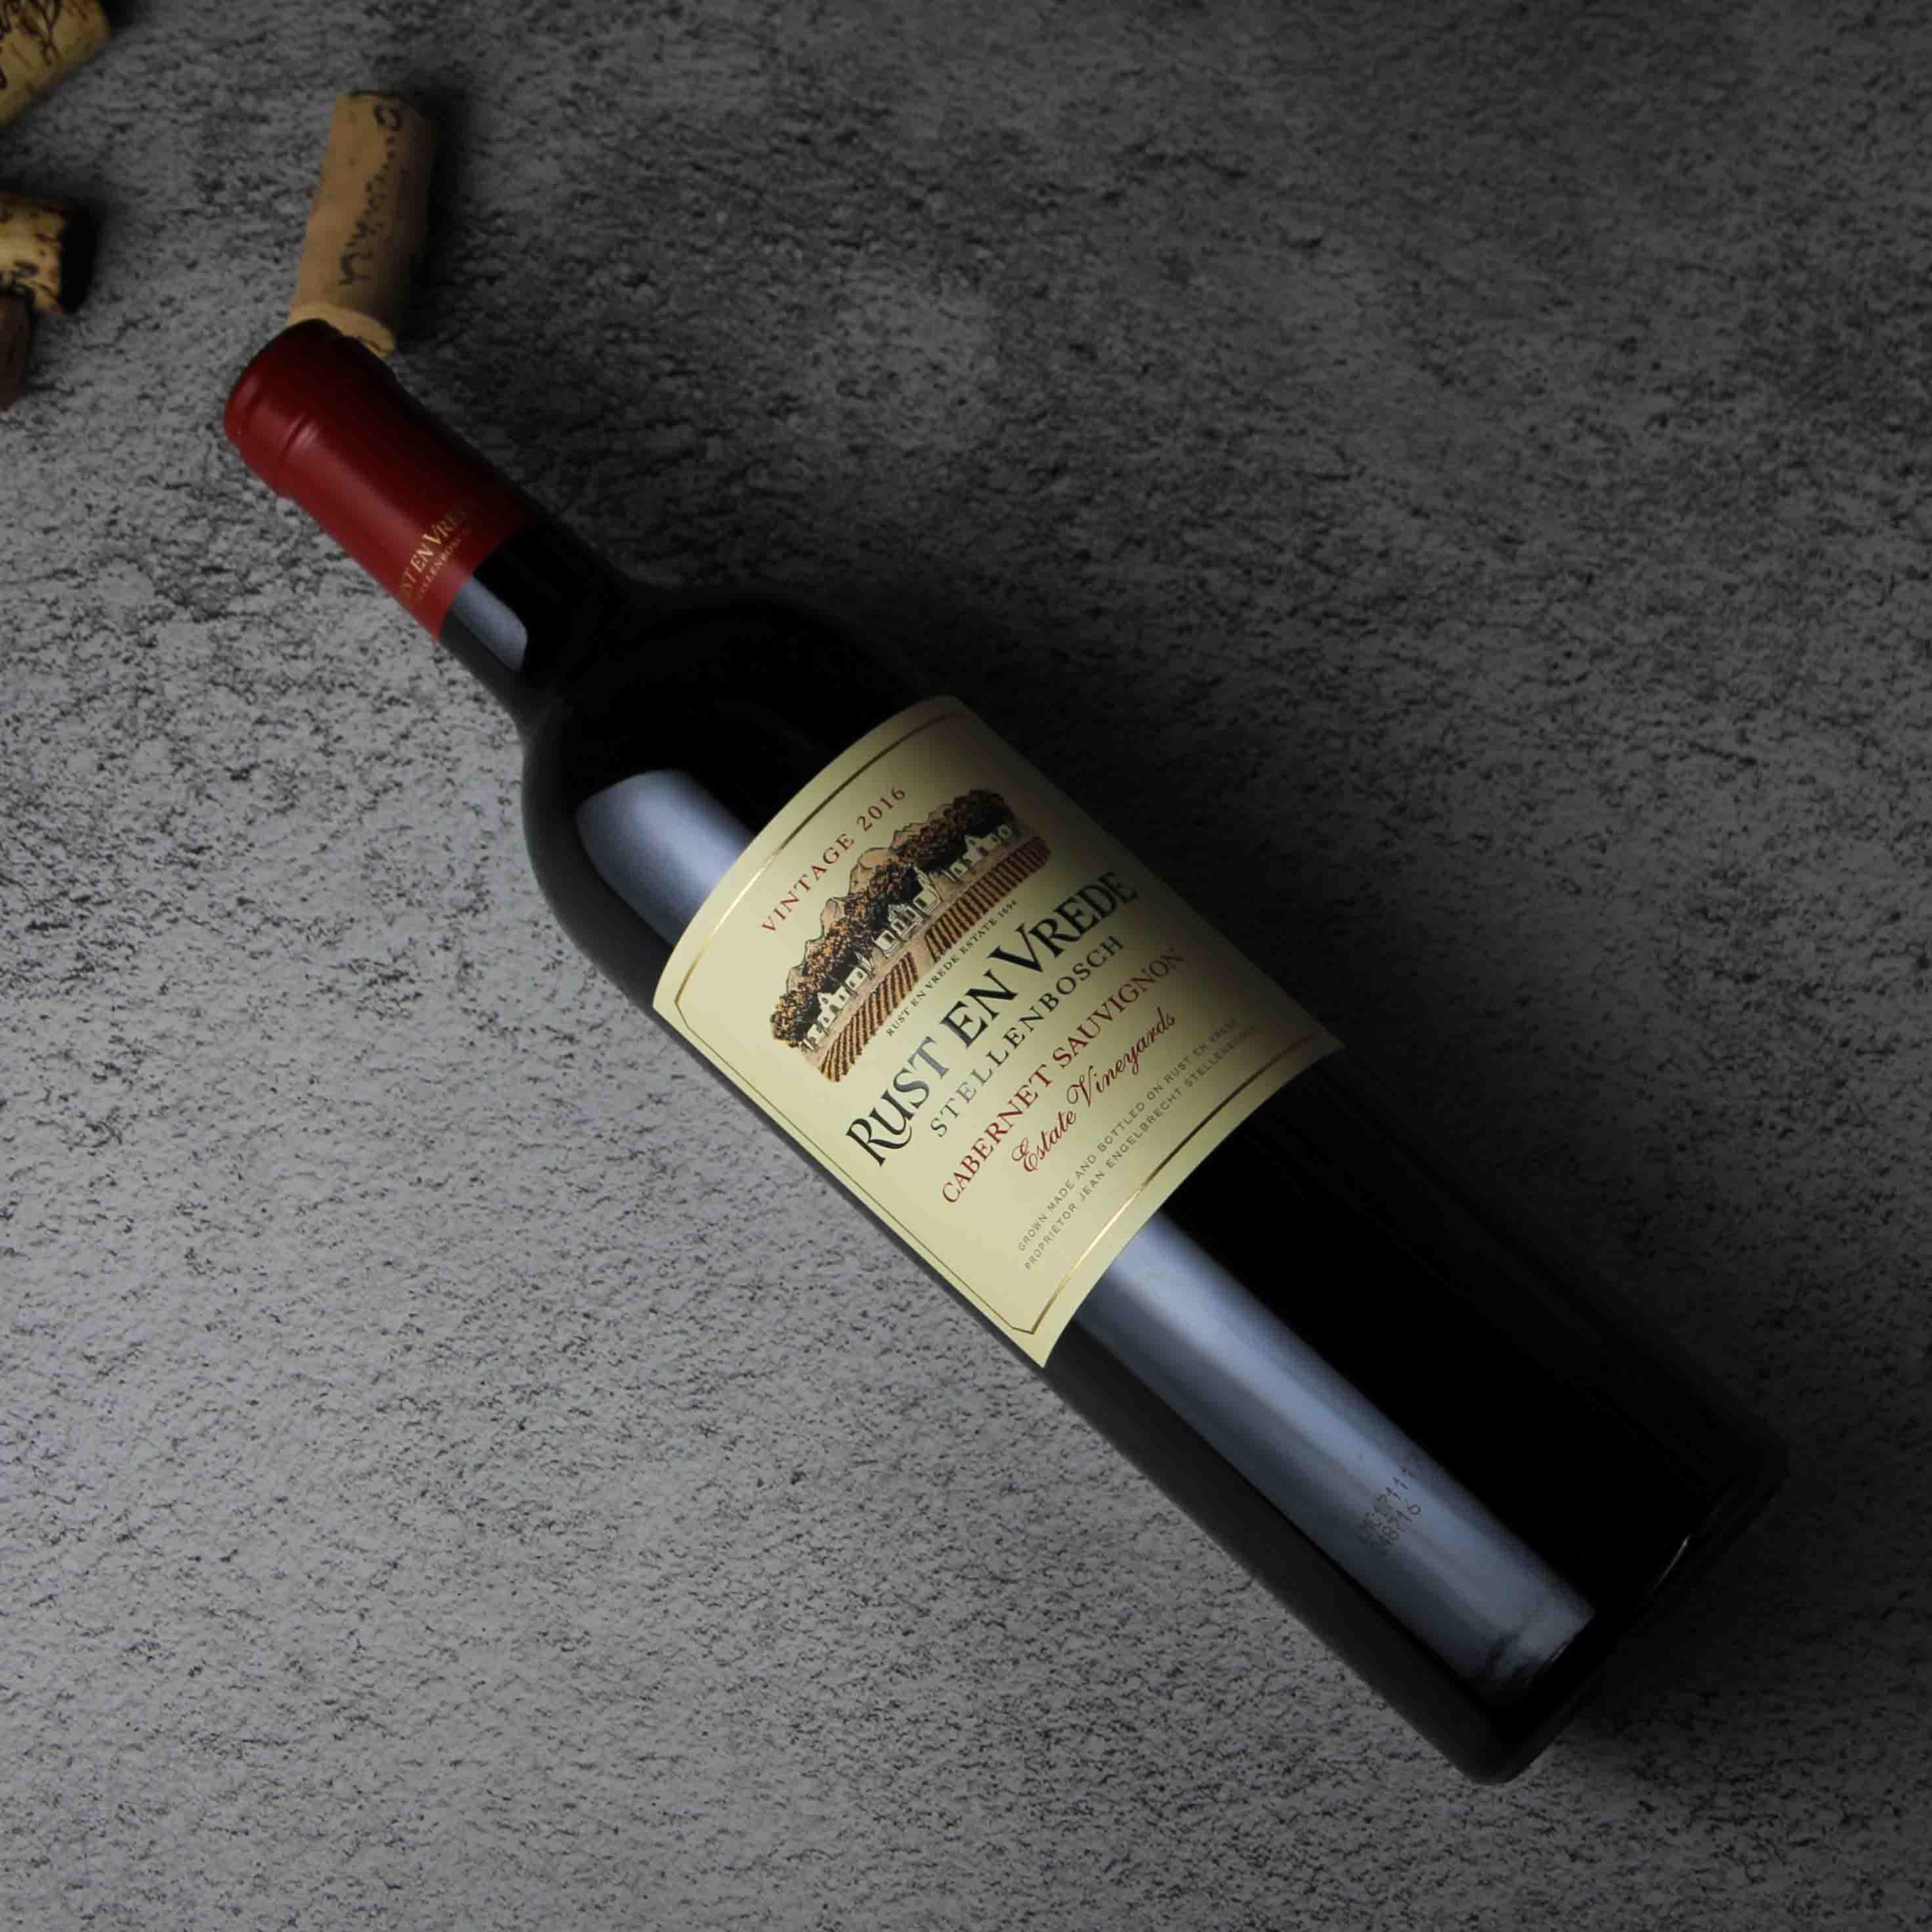 南非斯泰伦博斯福瑞德酒庄葡园赤霞珠红葡萄酒红酒